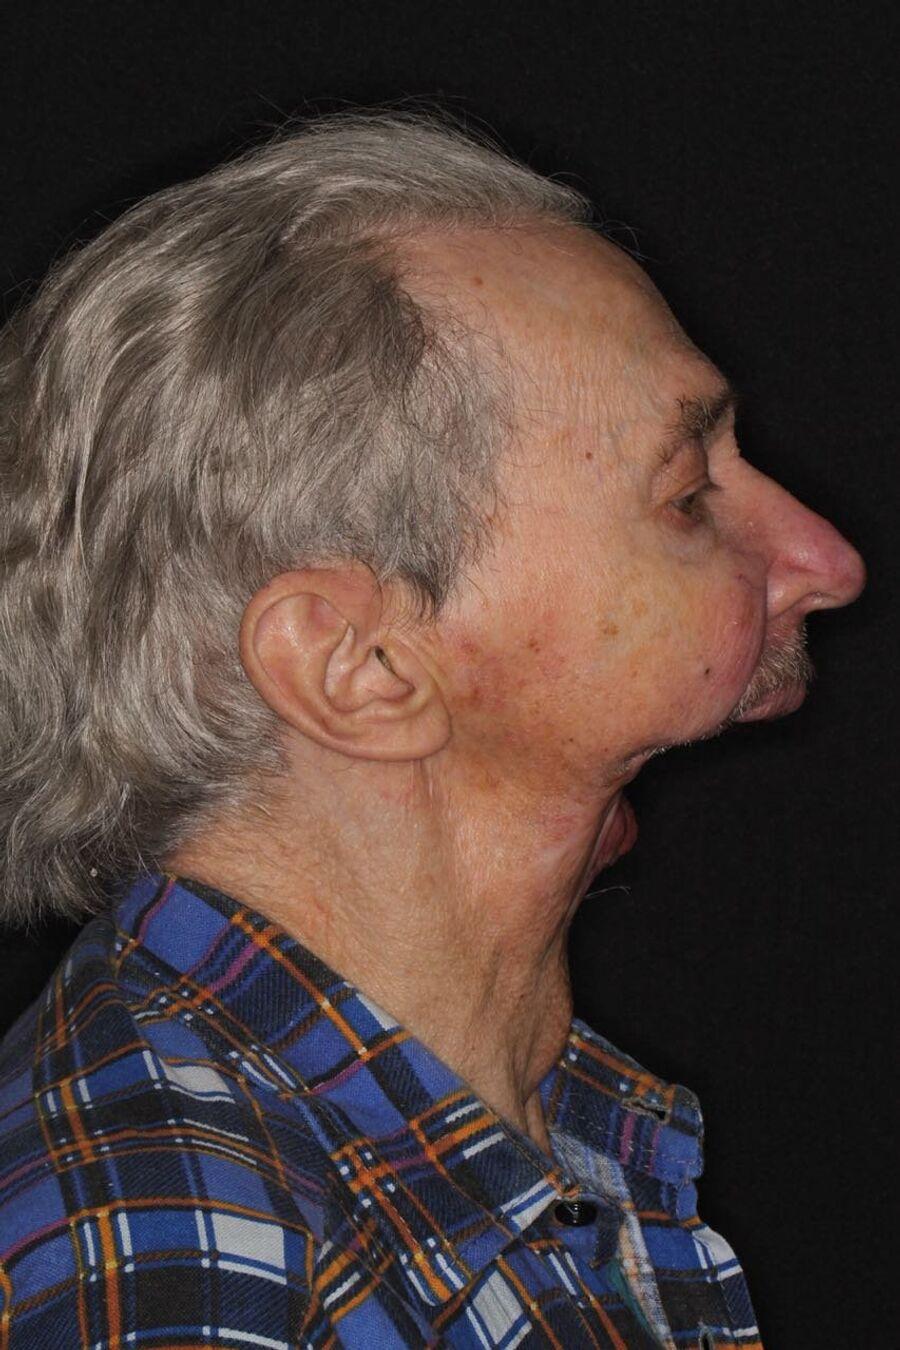 Так Игорь Бачелис выглядел до протезирования